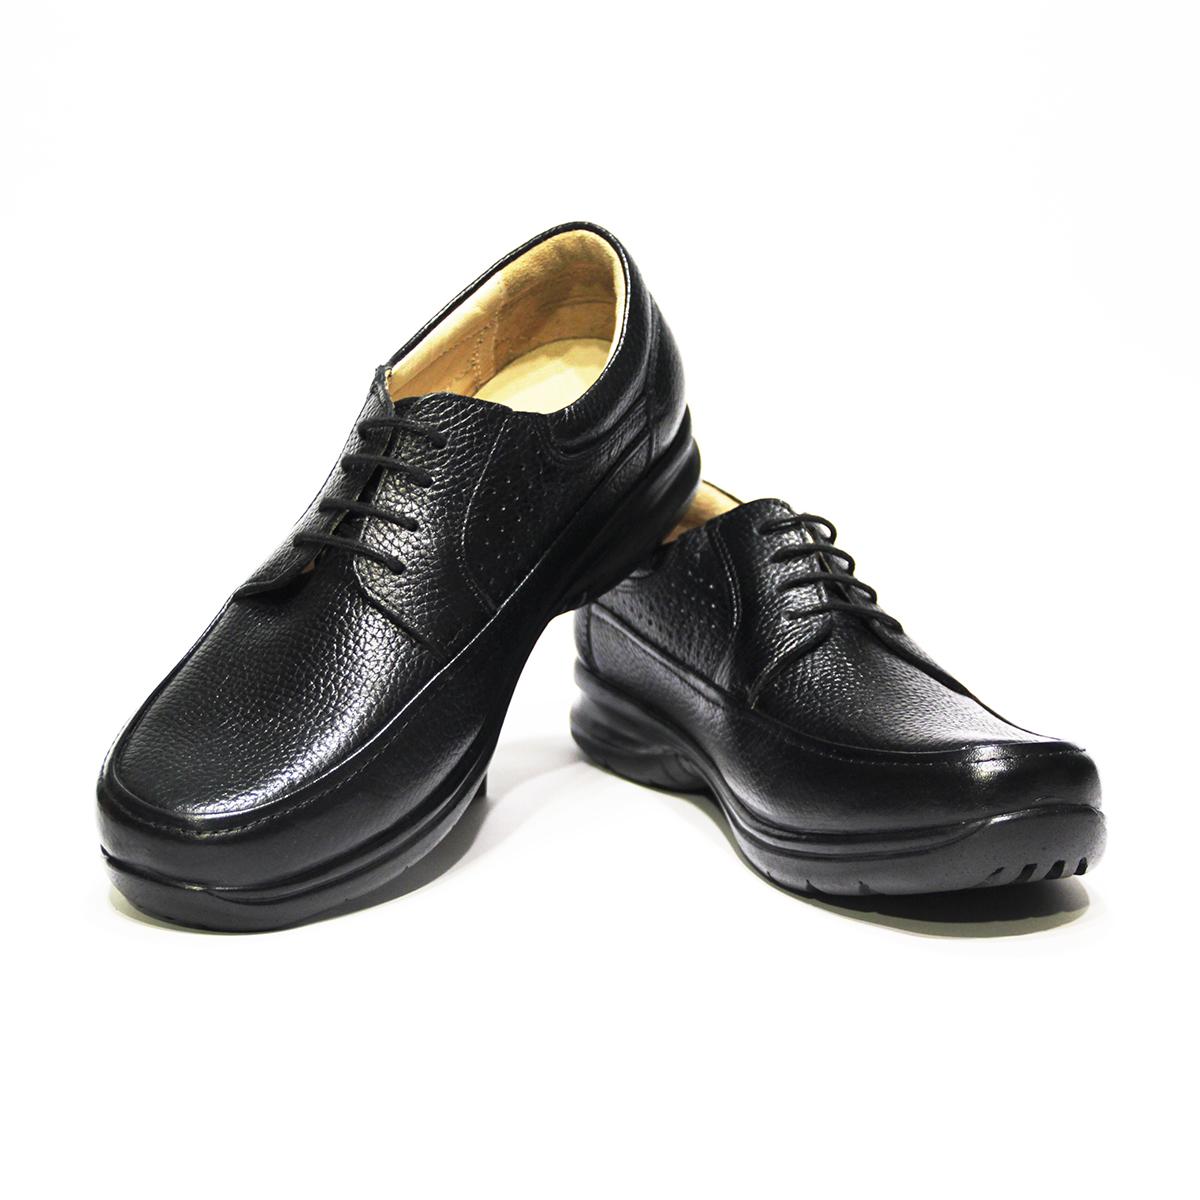 کفش روزمرهمردانه  فرزین کد gbm007 رنگ مشکی -  - 2